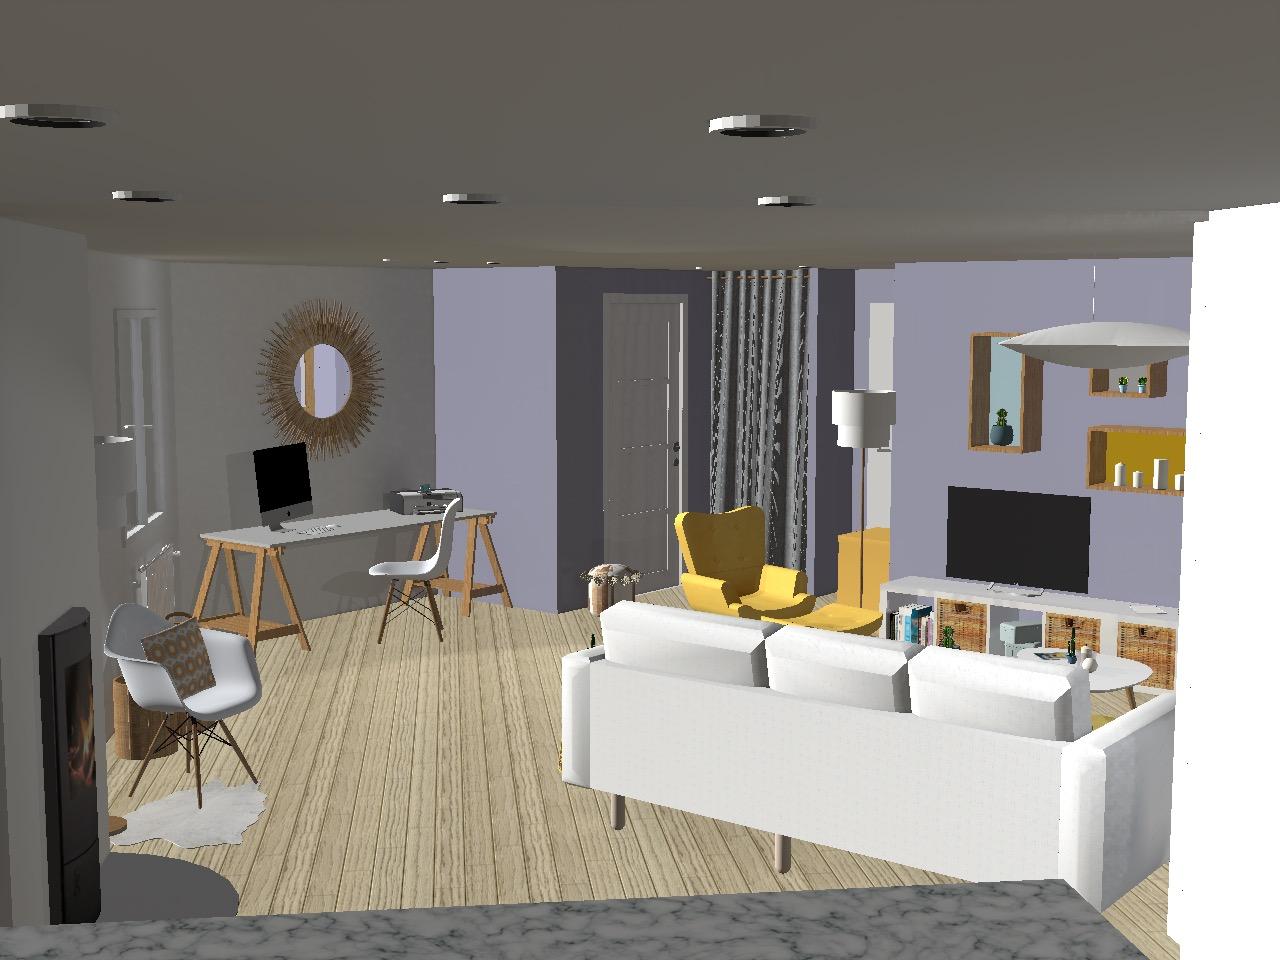 sejour-5-villa-vailhauques-renovation-latelierdelisa